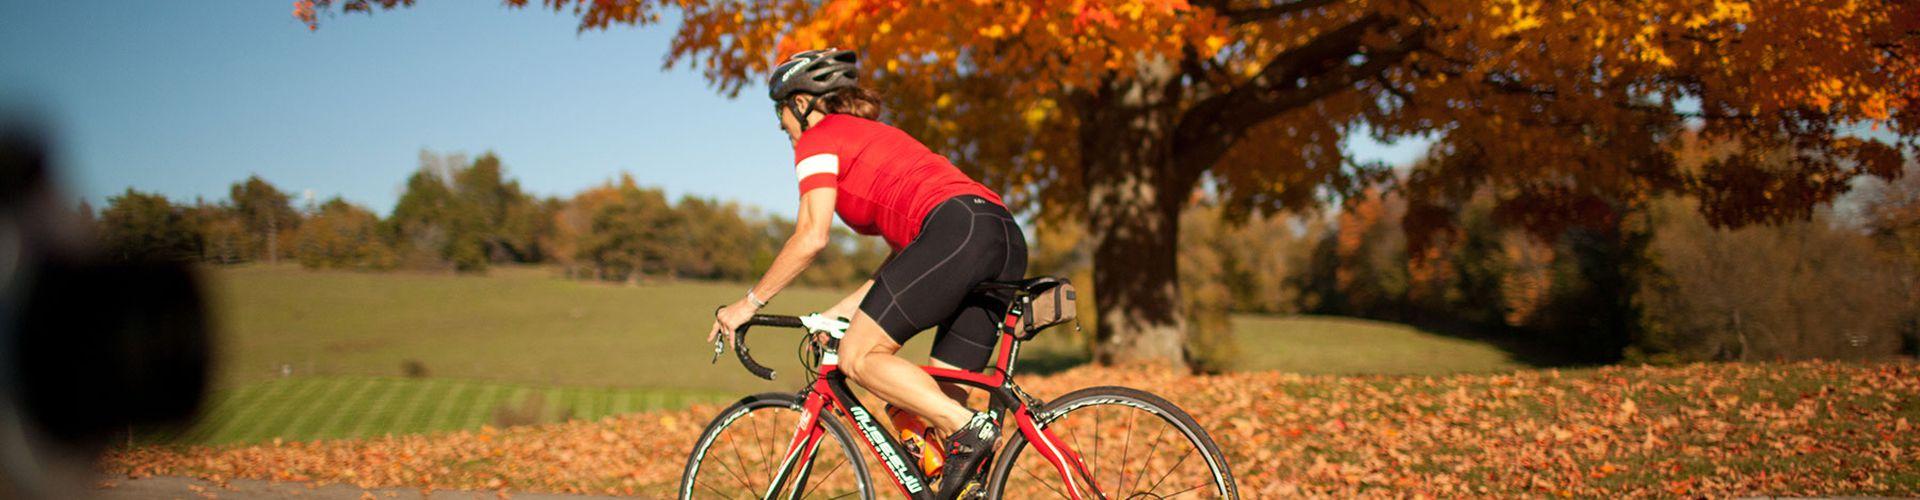 10 Radrouten für goldene Herbsttage